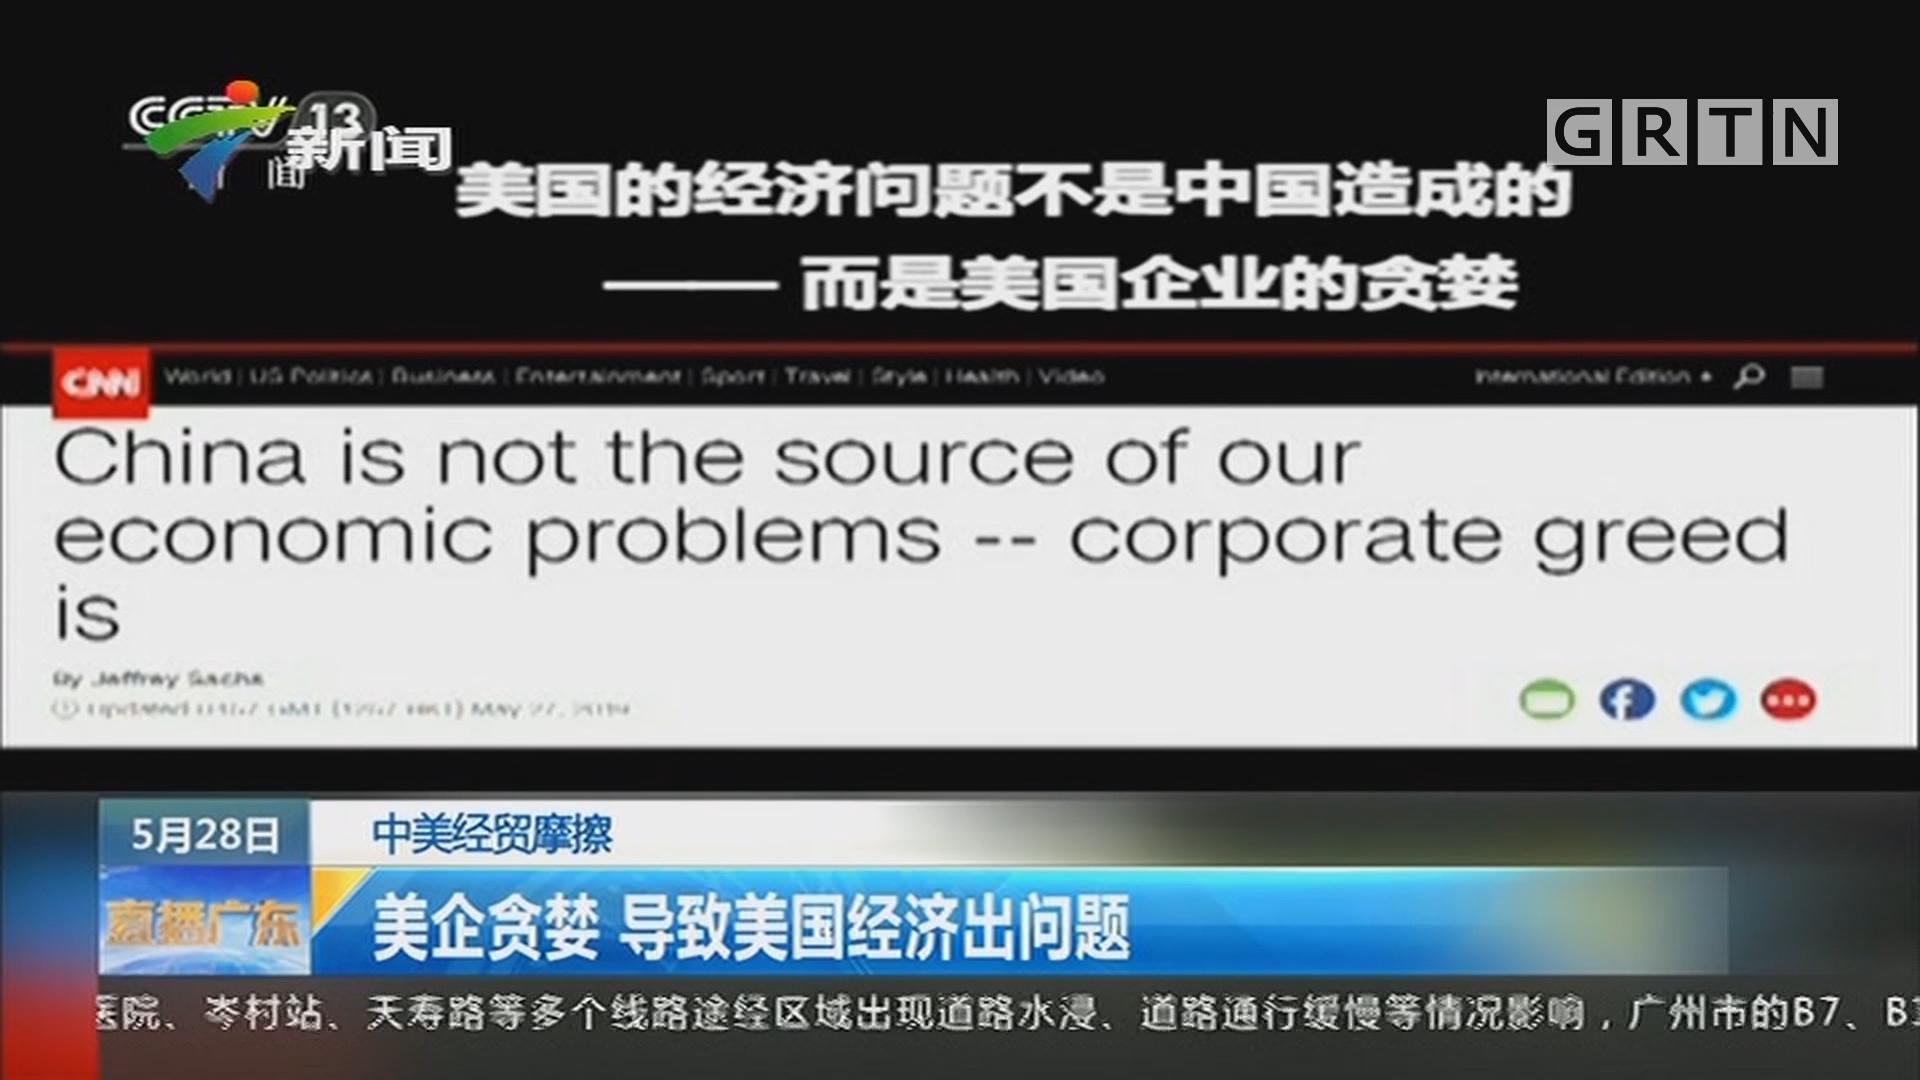 中美经贸摩擦:美企贪婪 导致美国经济出问题